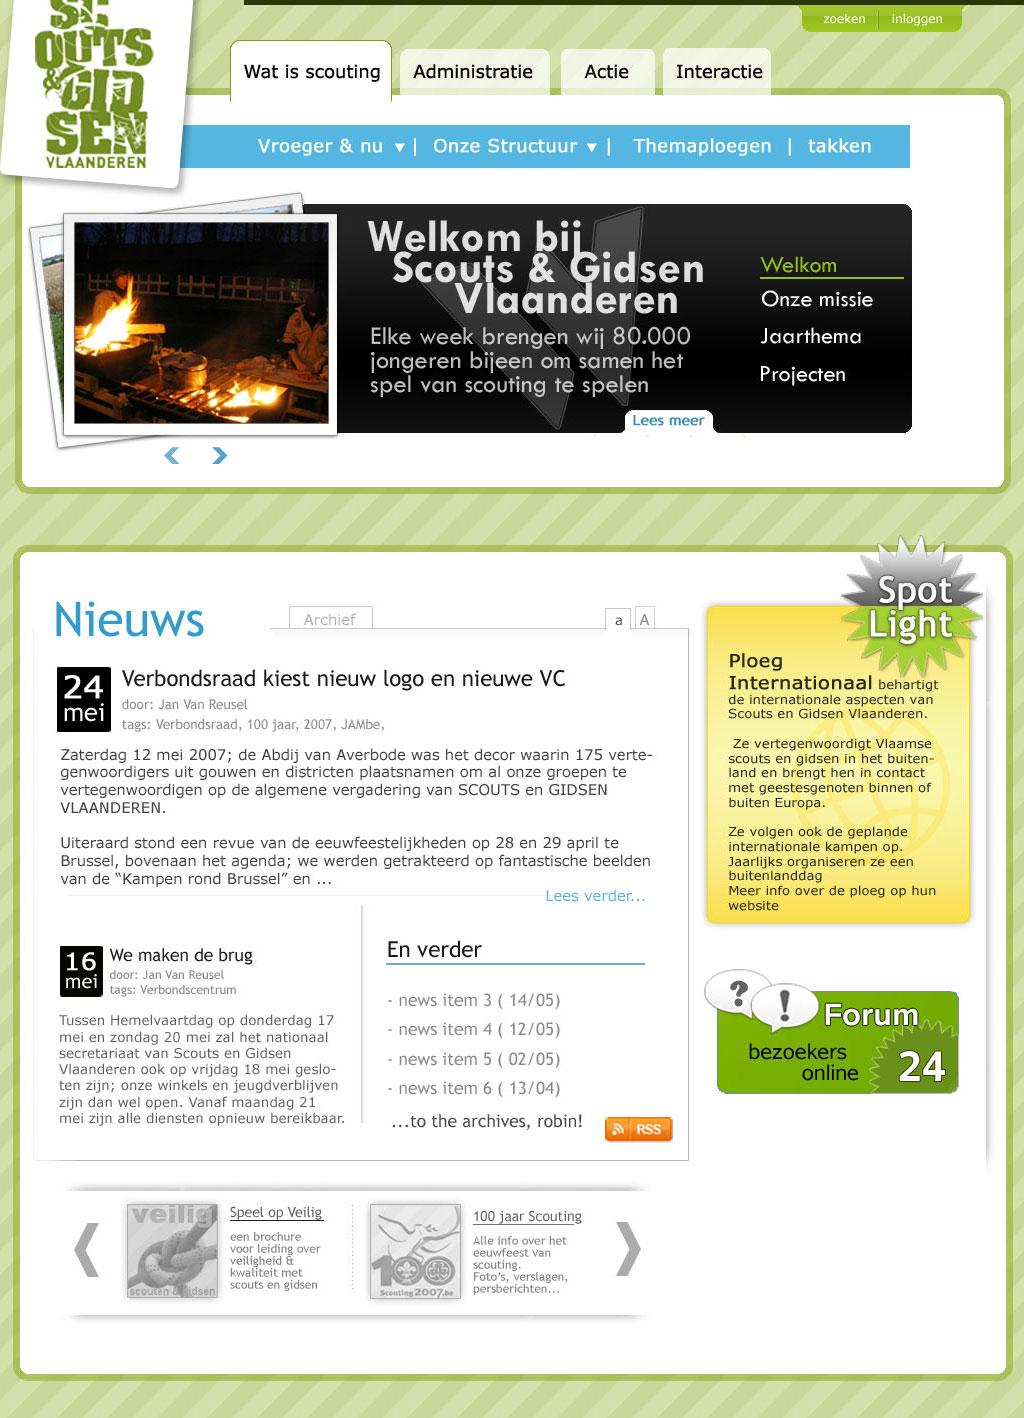 internetoverleg:ontwikkeling:besite:v.0.0.3.jpg